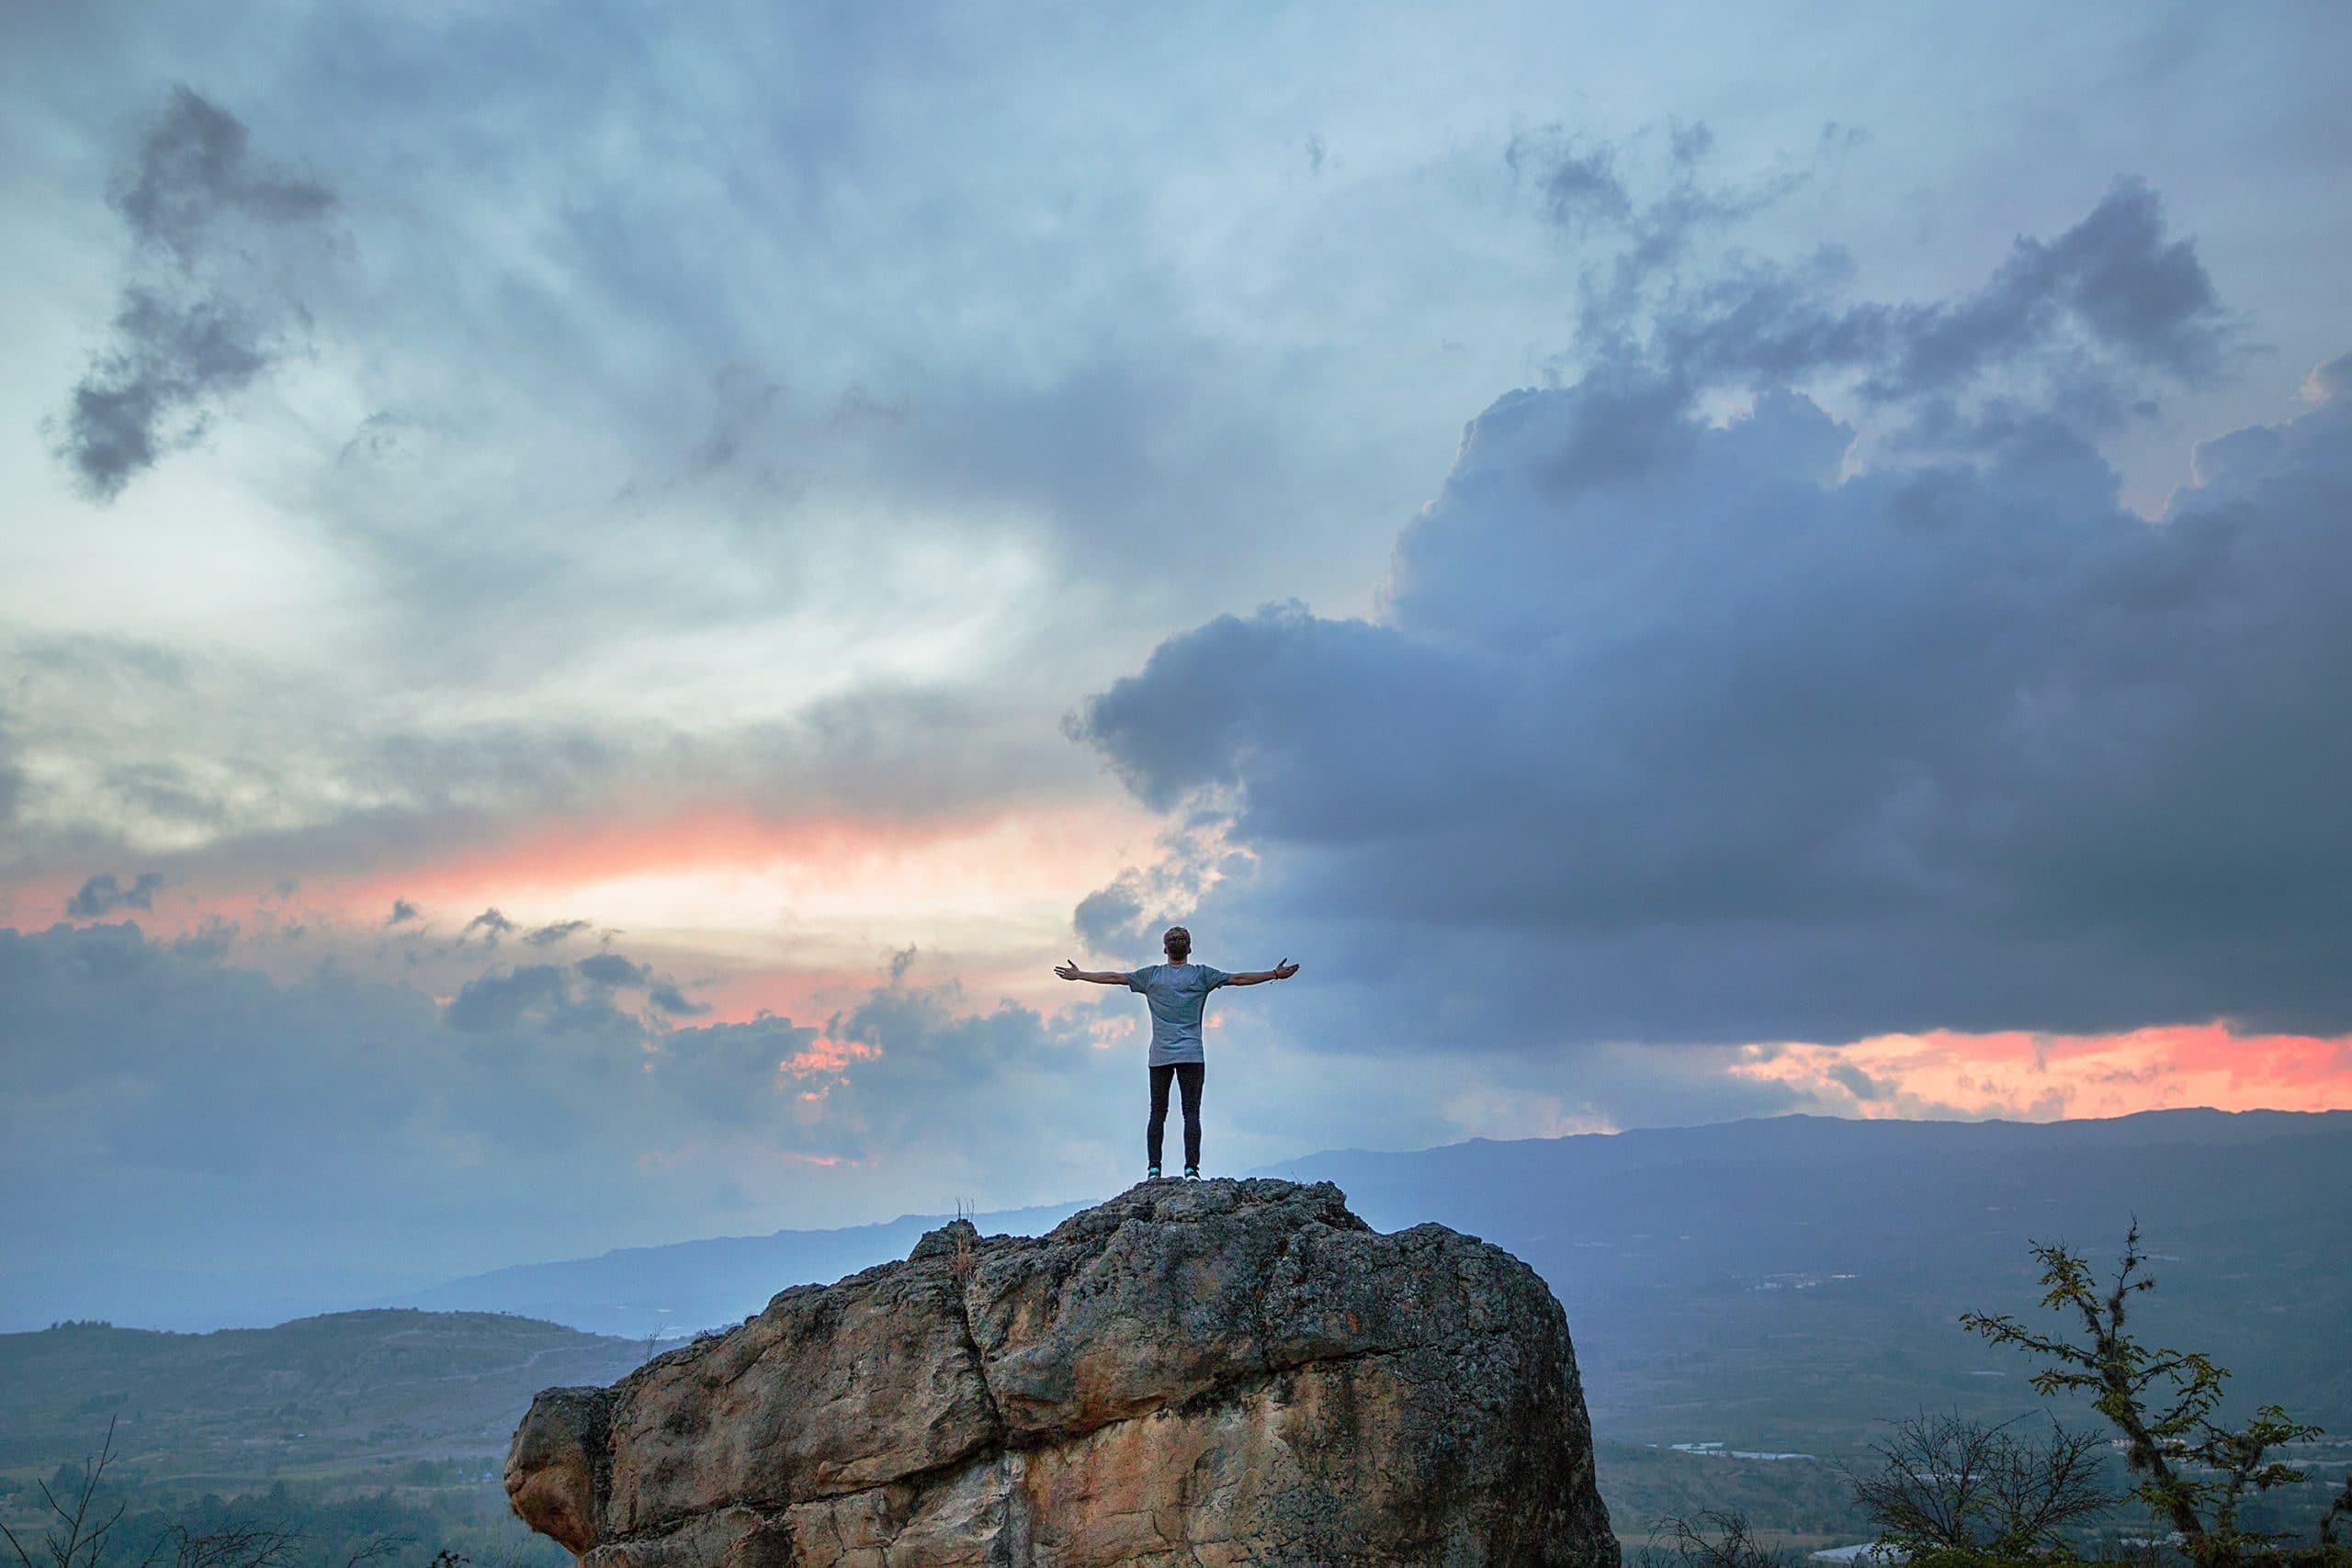 Homem em cima de pedra grande com céu com nuvens de fundo